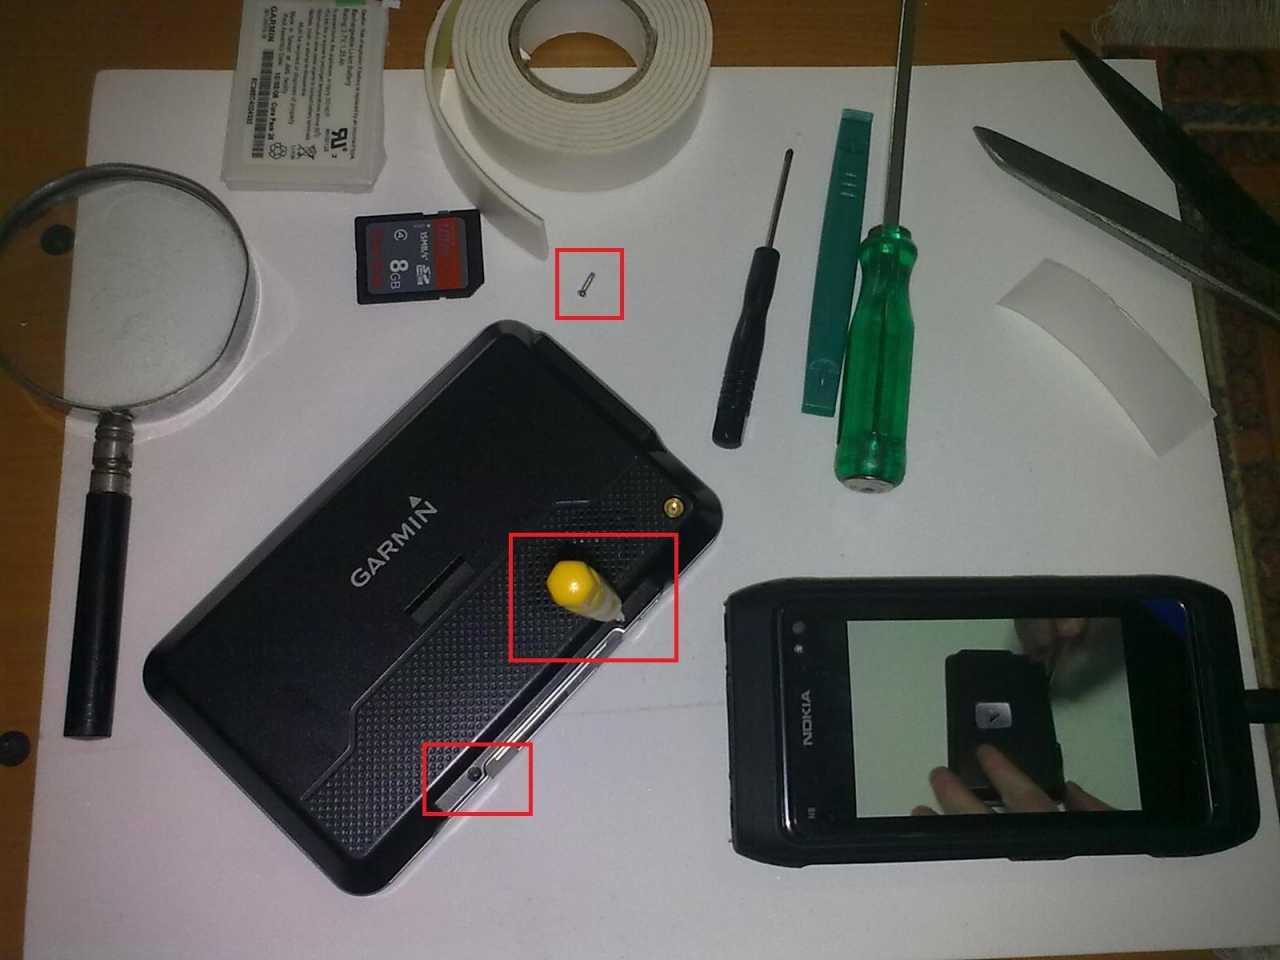 GPSYV-Reemplazodebateranuvi78011.jpg